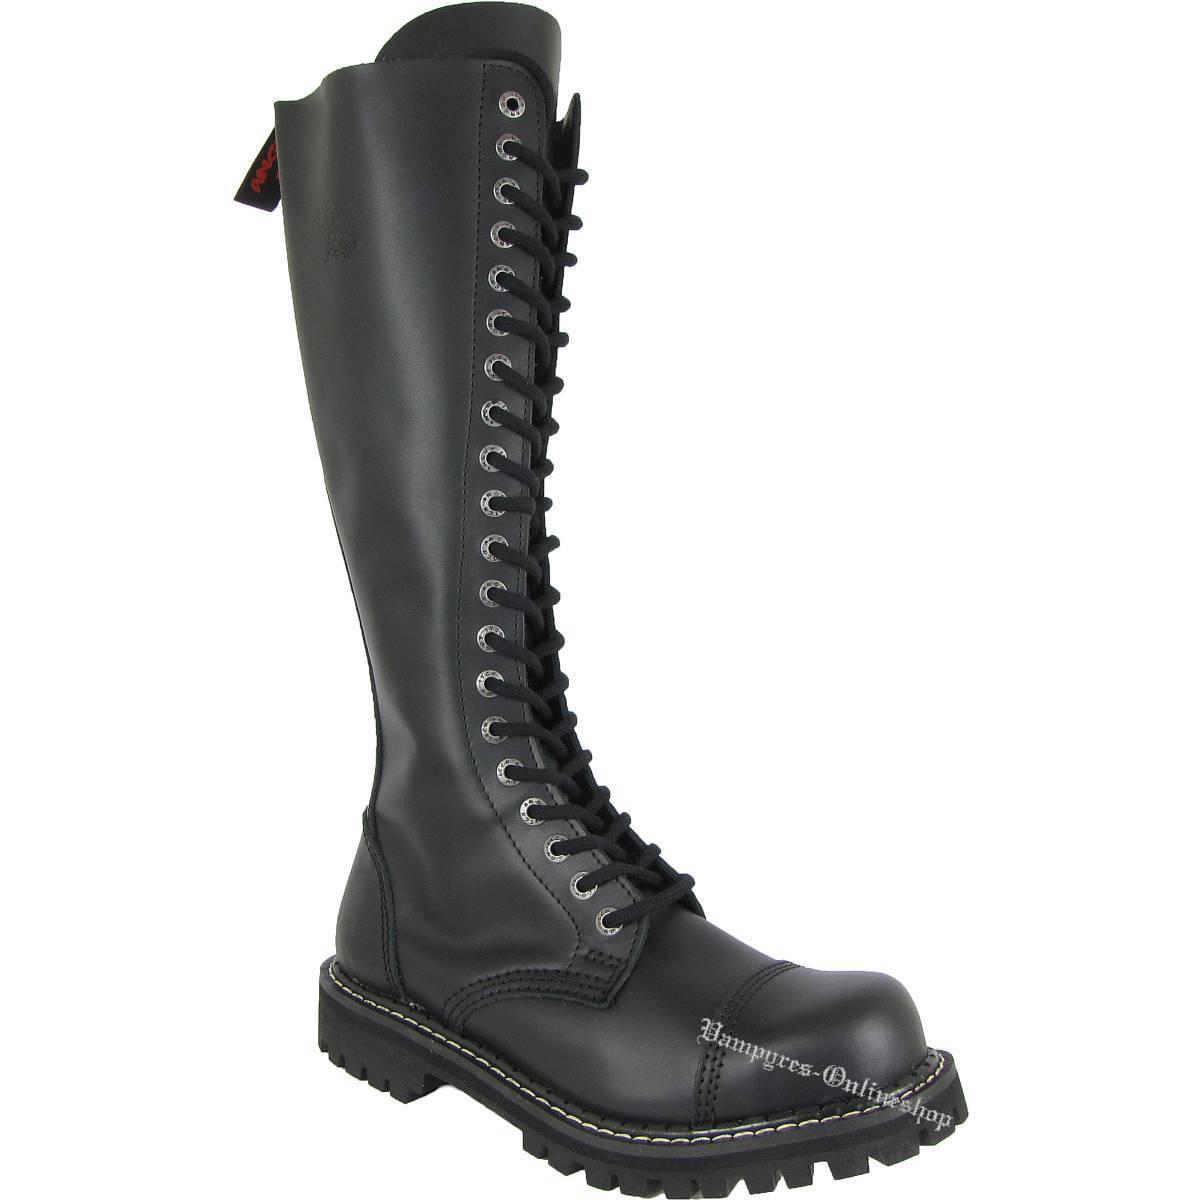 Angry Itch 20 fori nero zip cerniera Rangers Stivali di pelle cappuccio acciaio